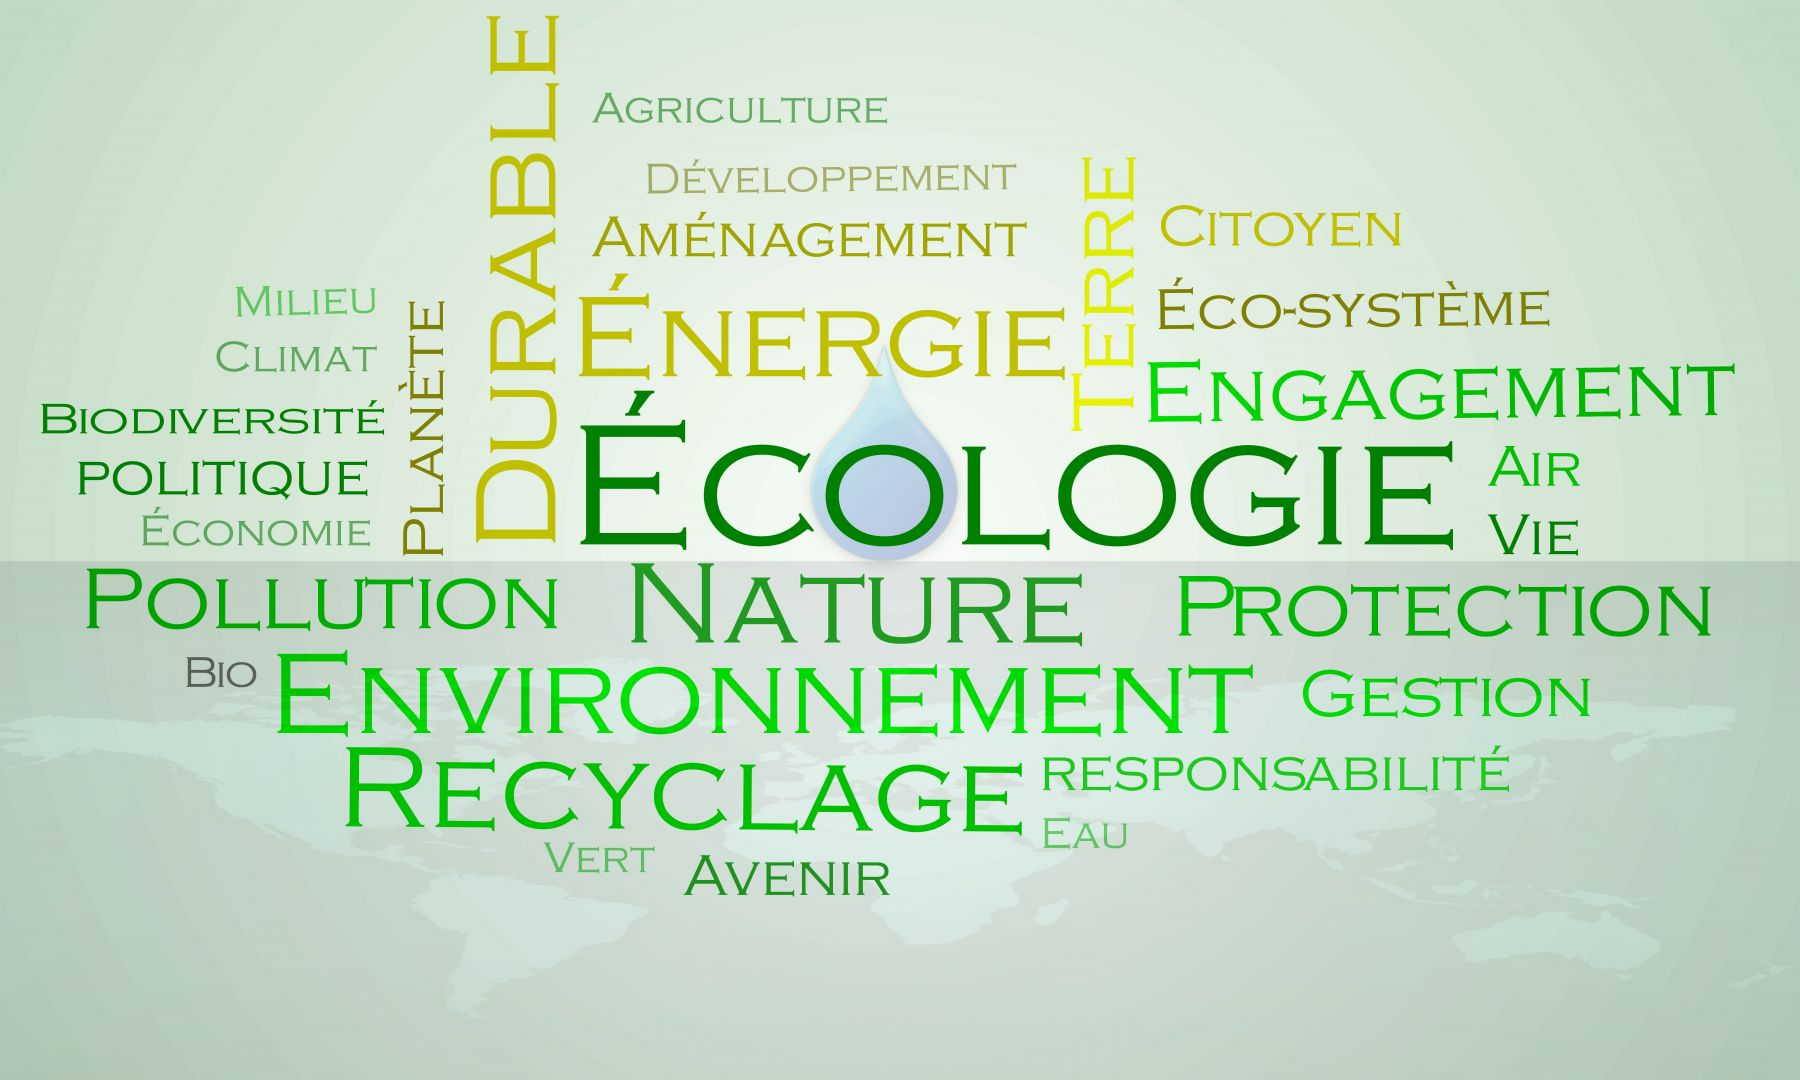 La Boite Immo, une entreprise éco-responsable